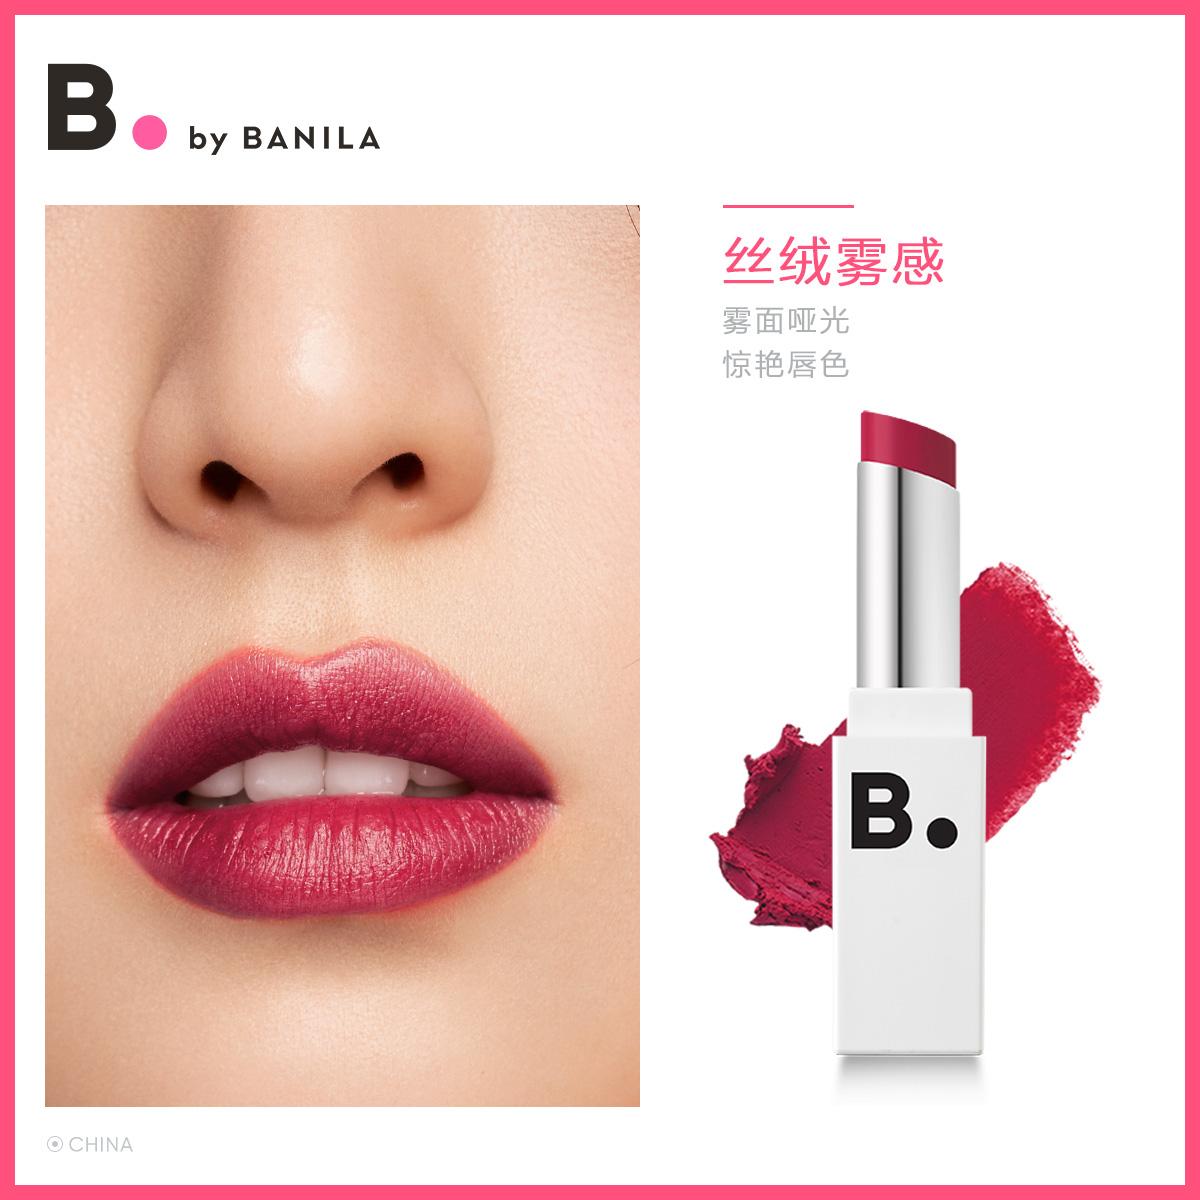 b.by banila芭妮兰哑光上色口红券后59.90元